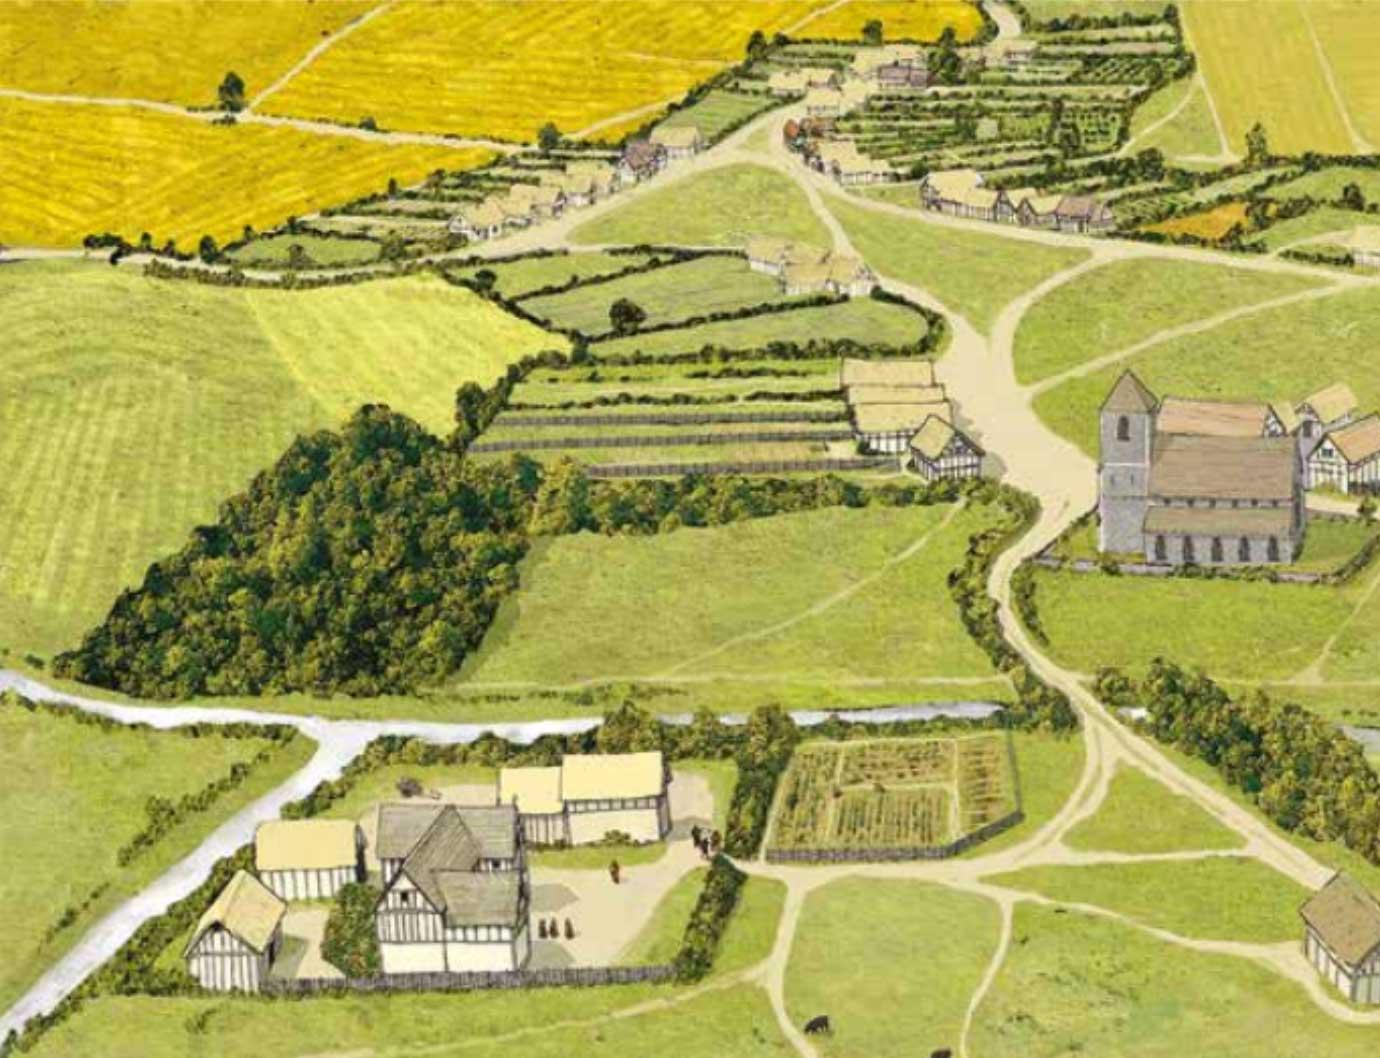 waterbeach abbey